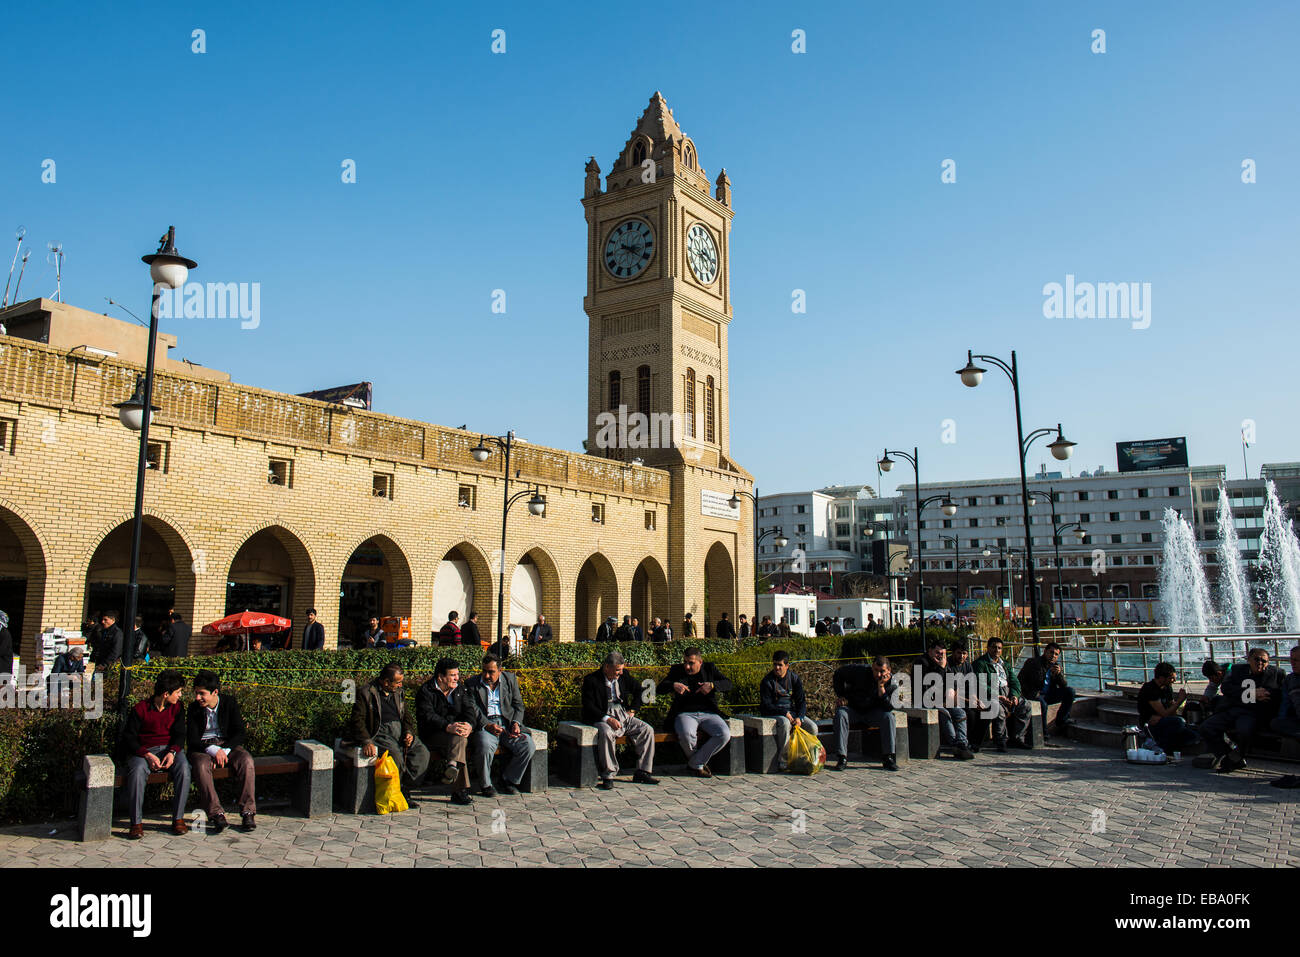 Bazaar square, Erbil, Arbil Province, Iraqi Kurdistan, Iraq - Stock Image